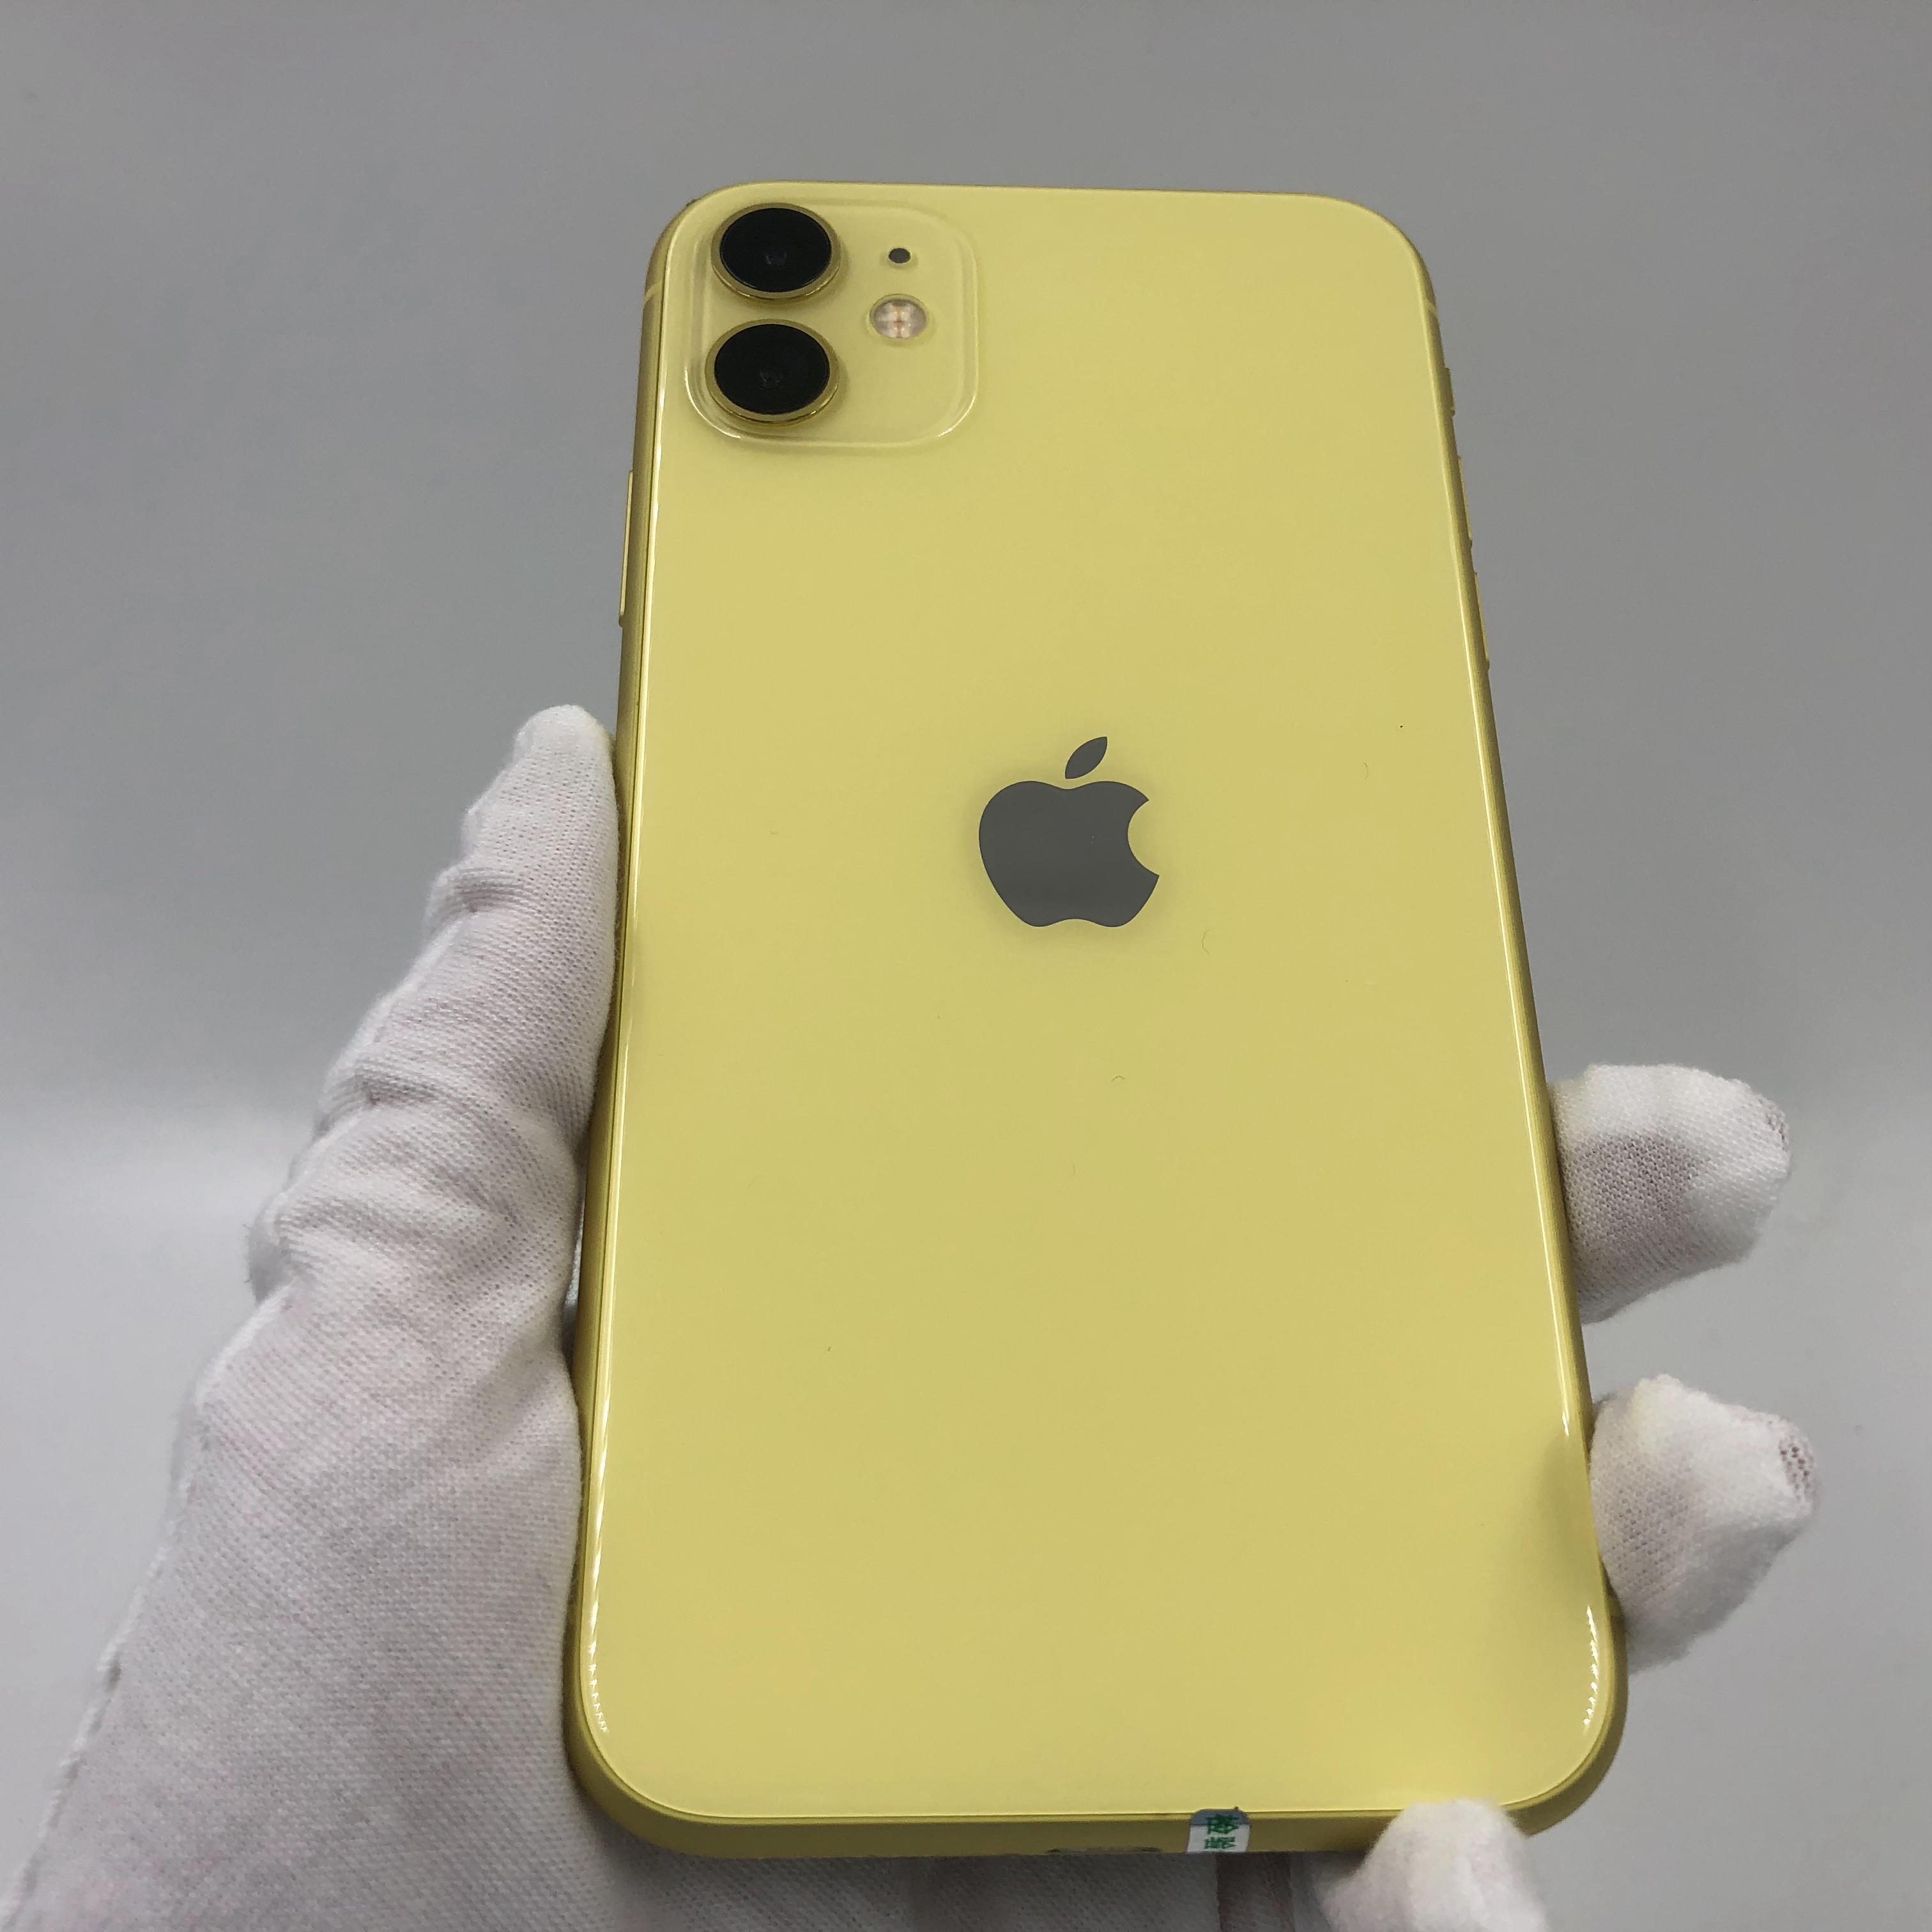 苹果【iPhone 11】4G全网通 黄色 128G 国行 8成新 真机实拍